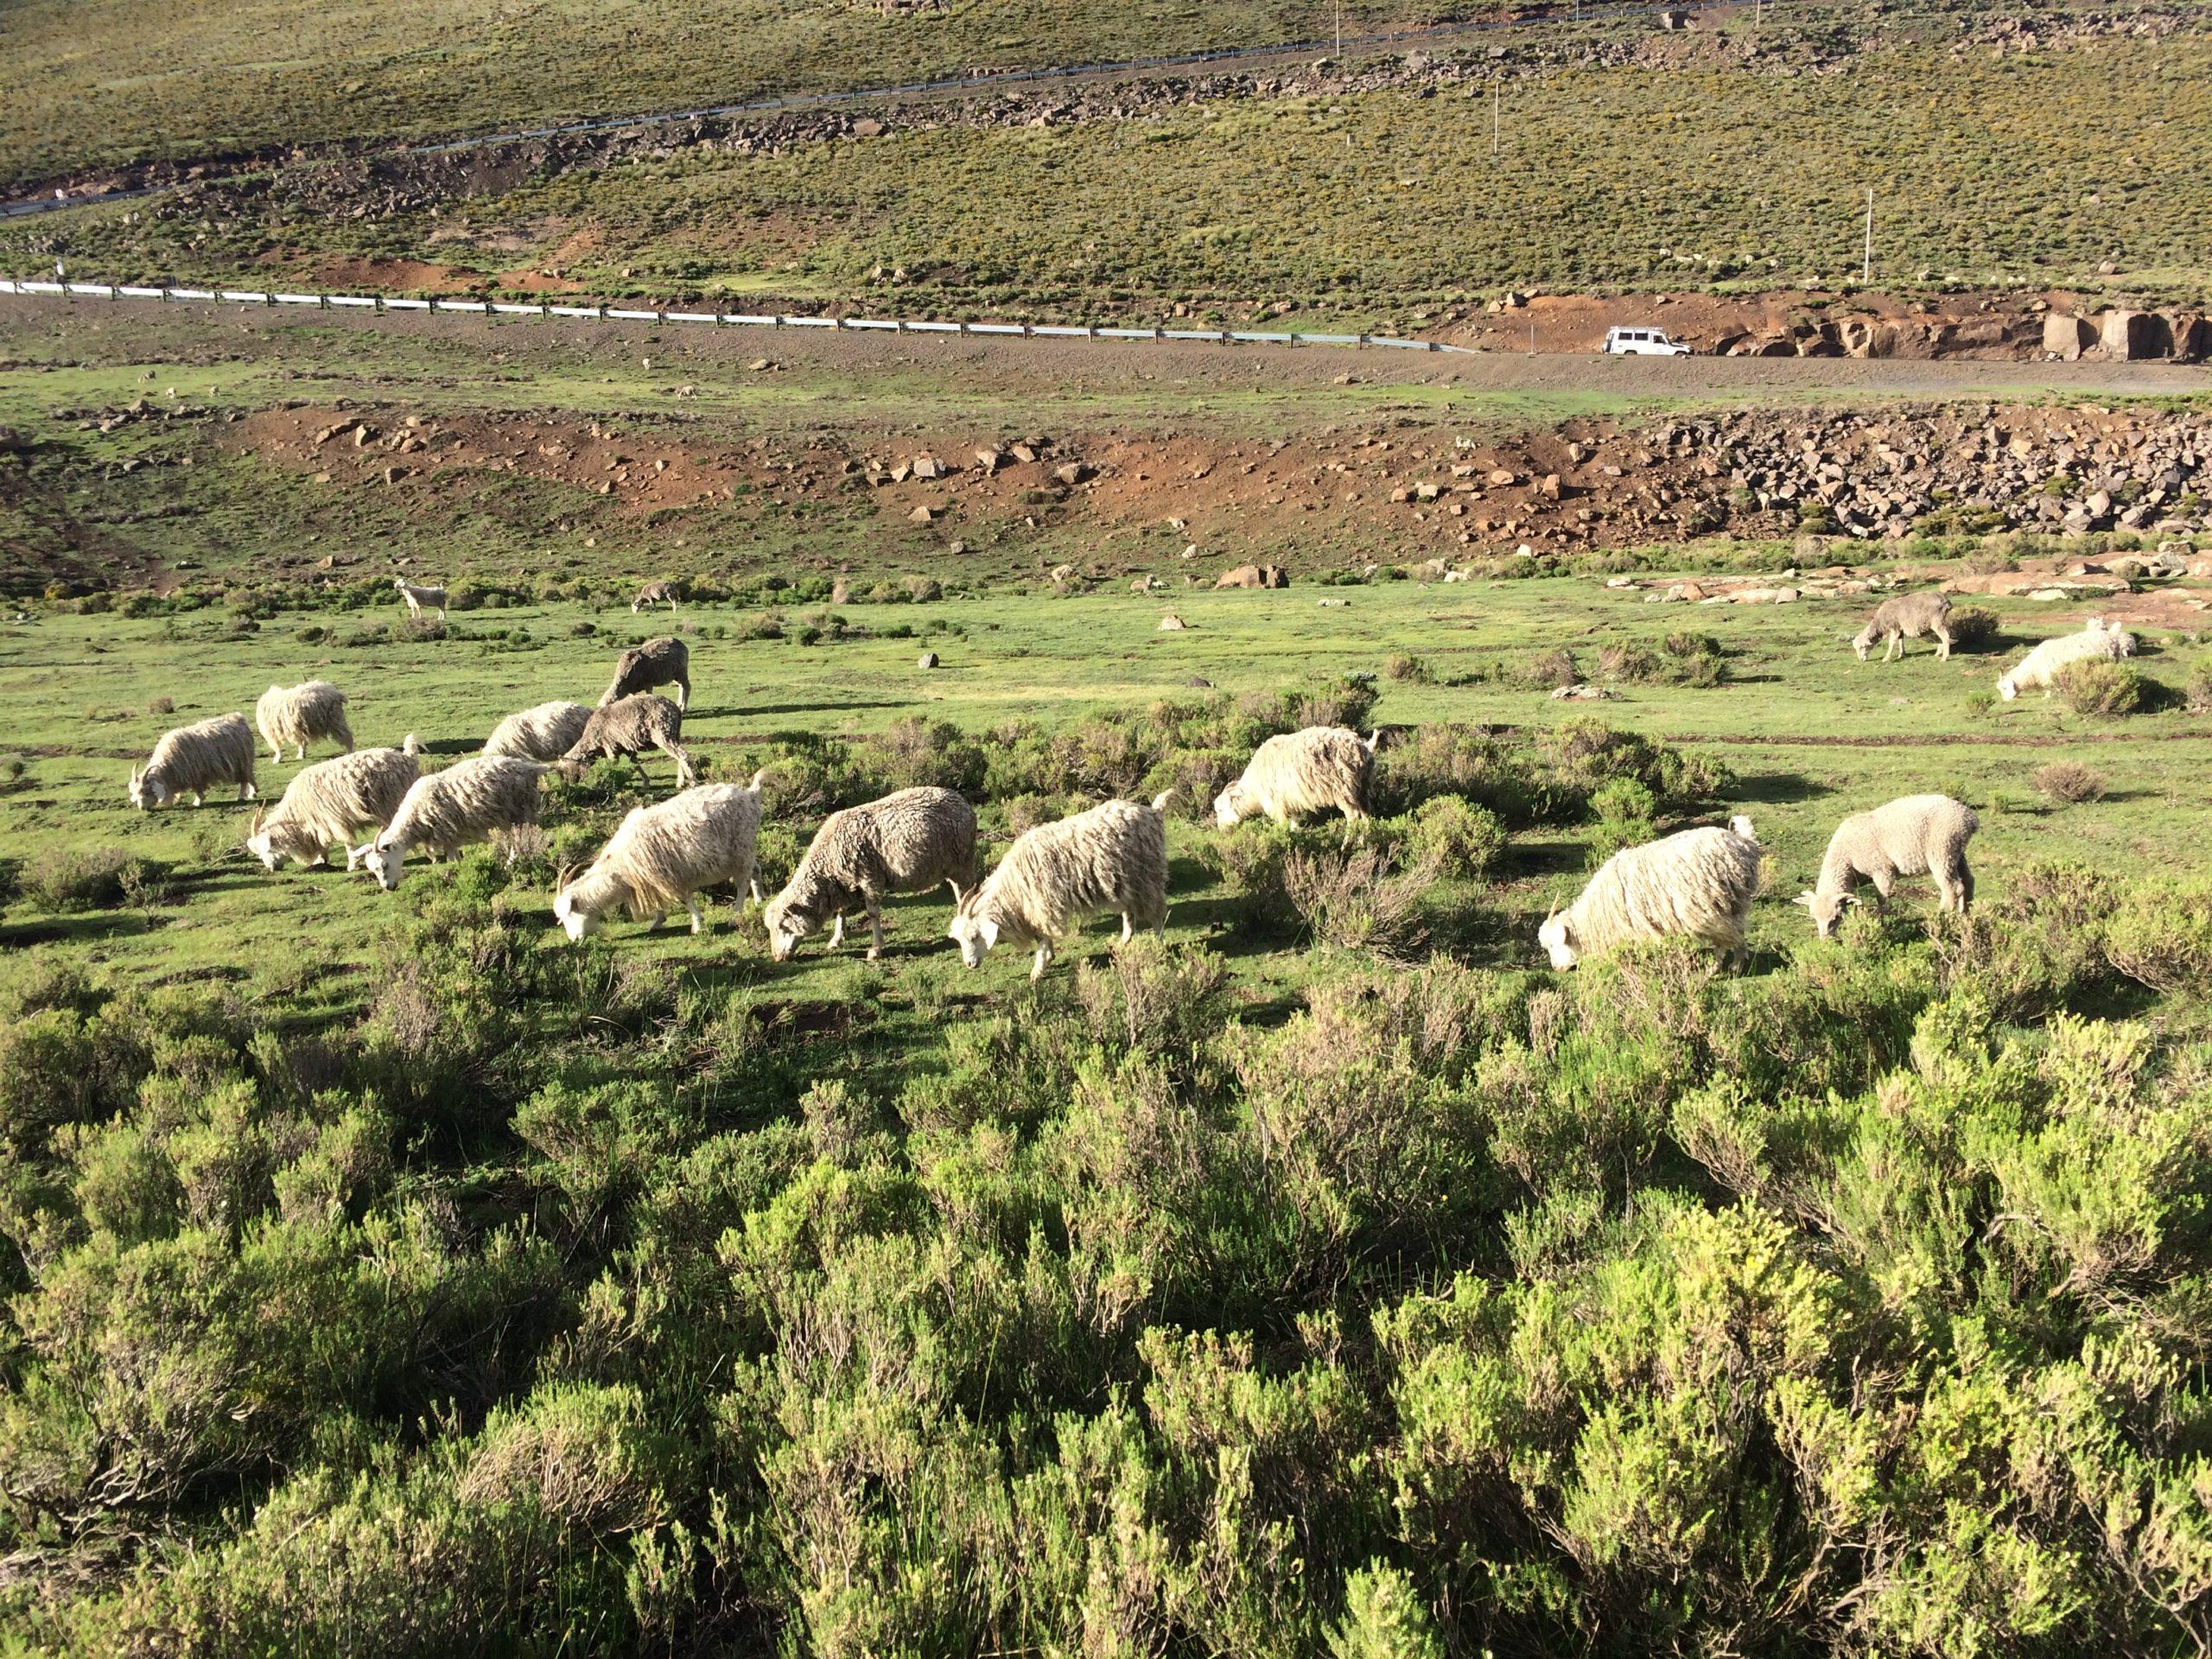 Une collaboration scientifique menée sur l'élevage du bétail face au changement climatique